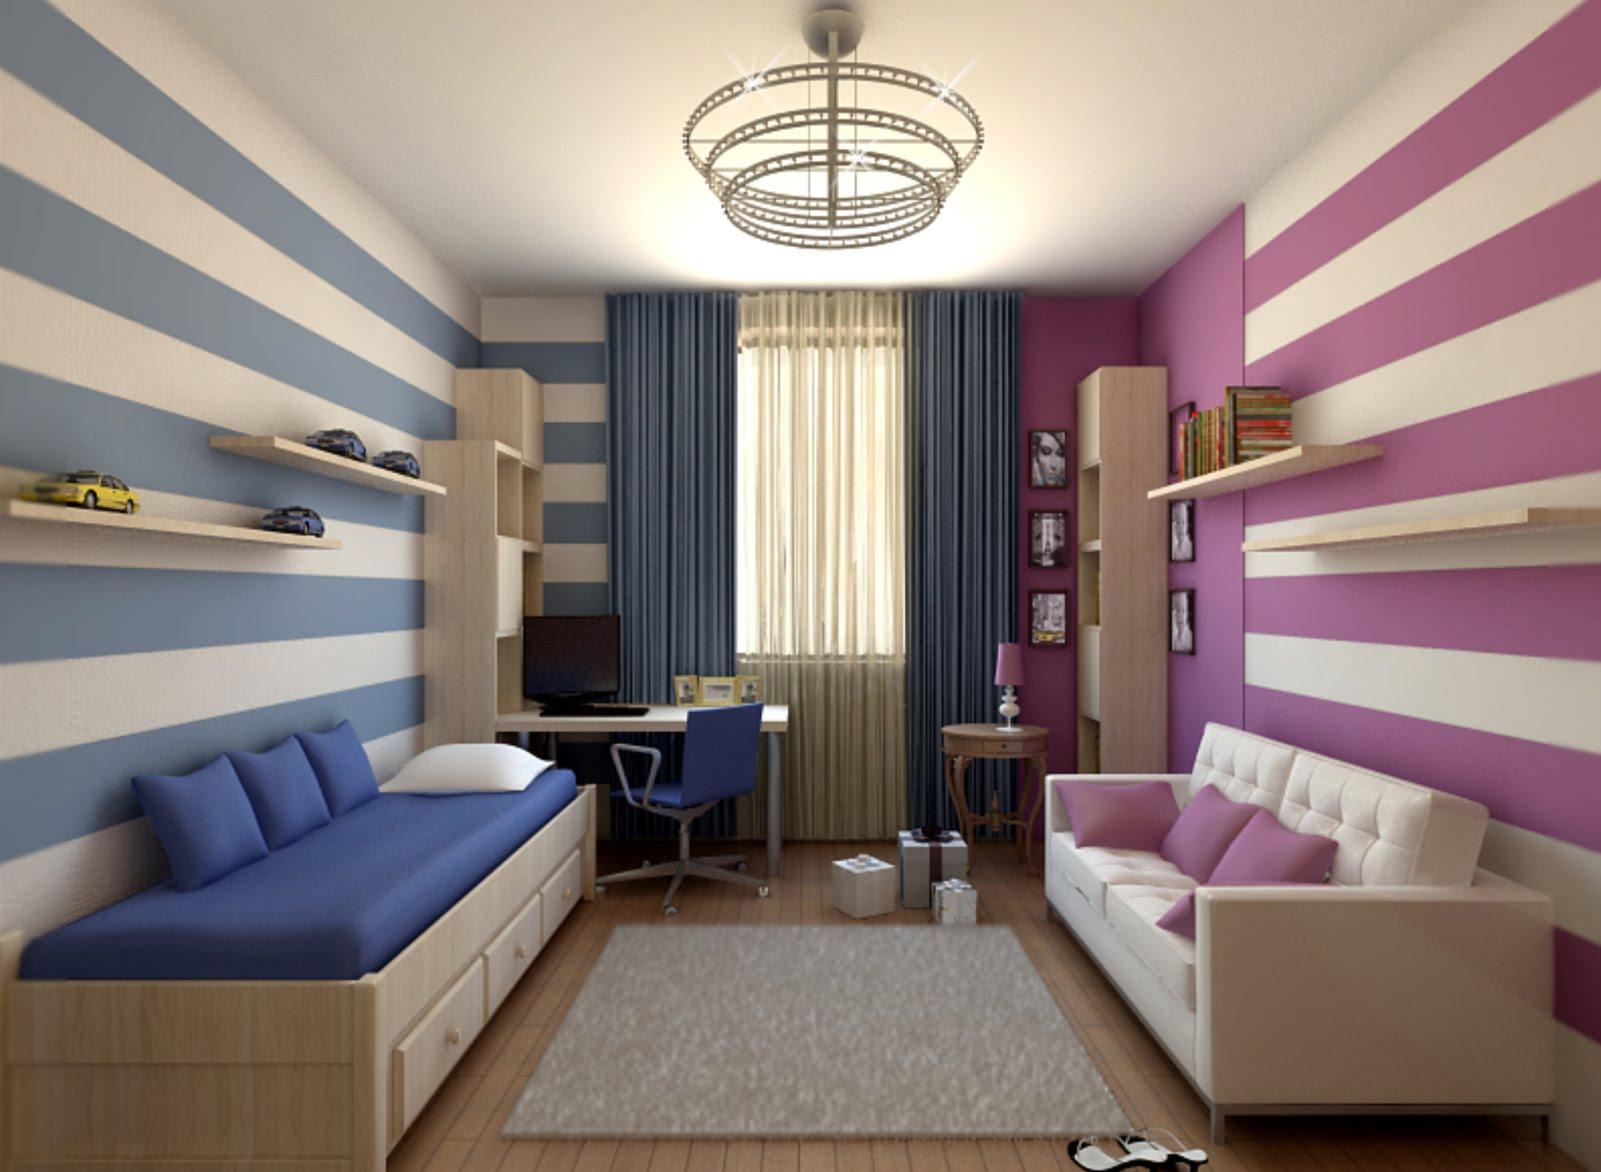 Дизайн интерьера детской комнаты для мальчика и девочки